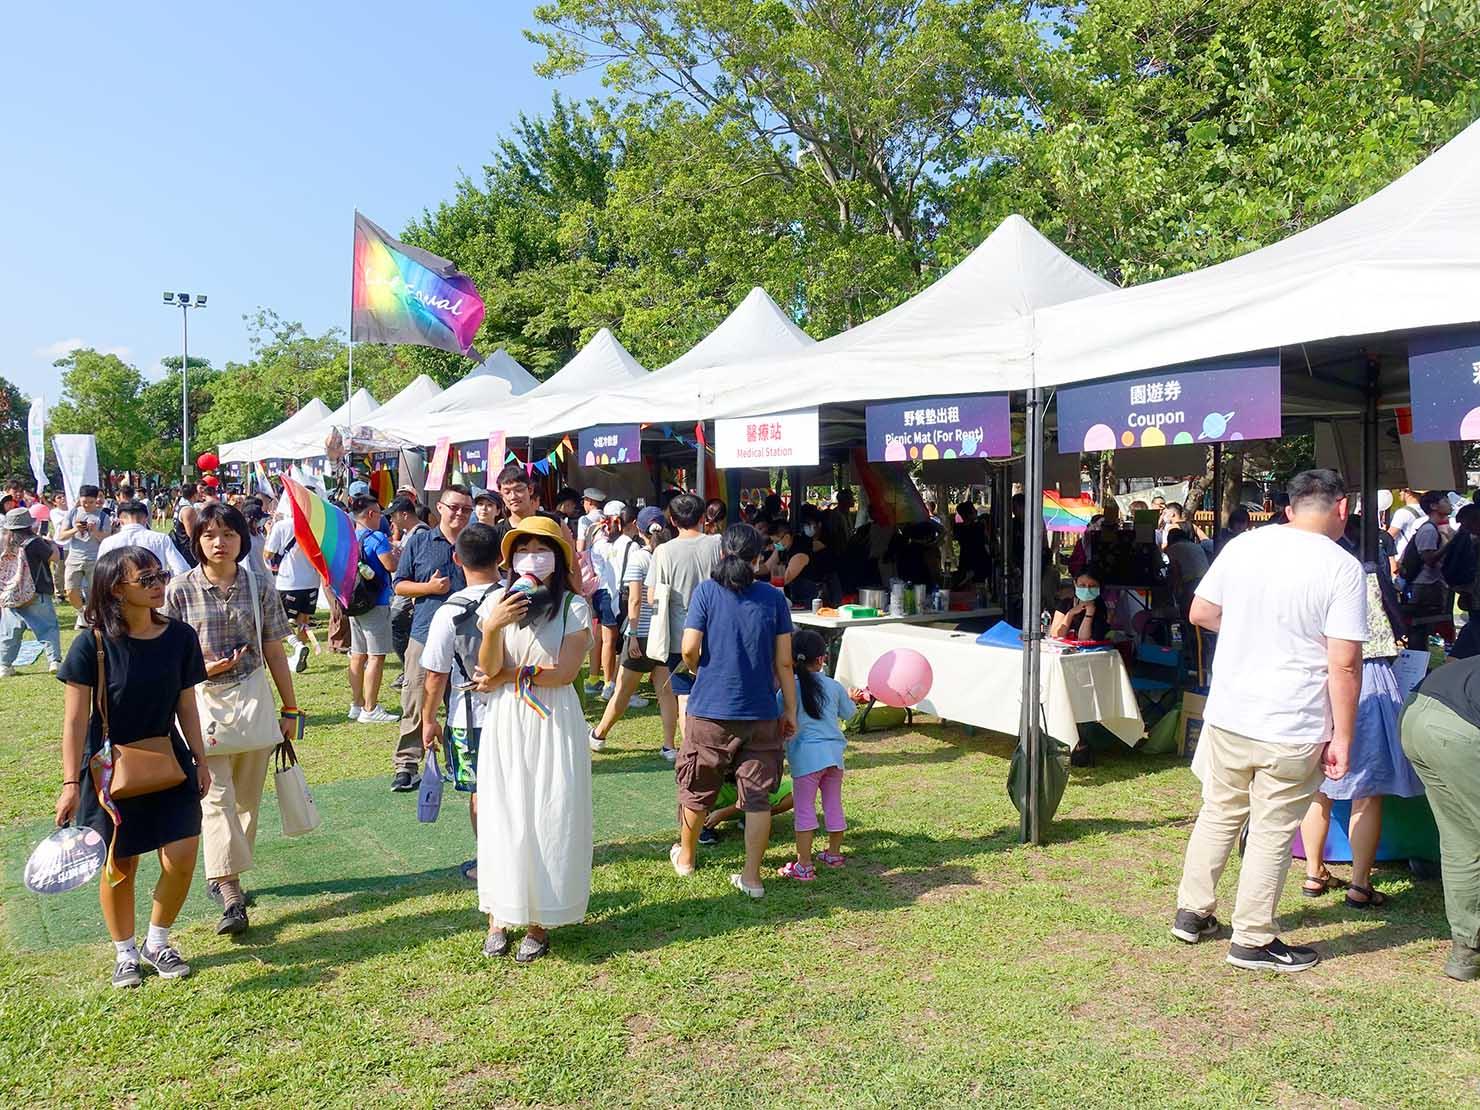 台湾・桃園のLGBTプライド「桃園彩虹野餐日」2020会場の特設ブース